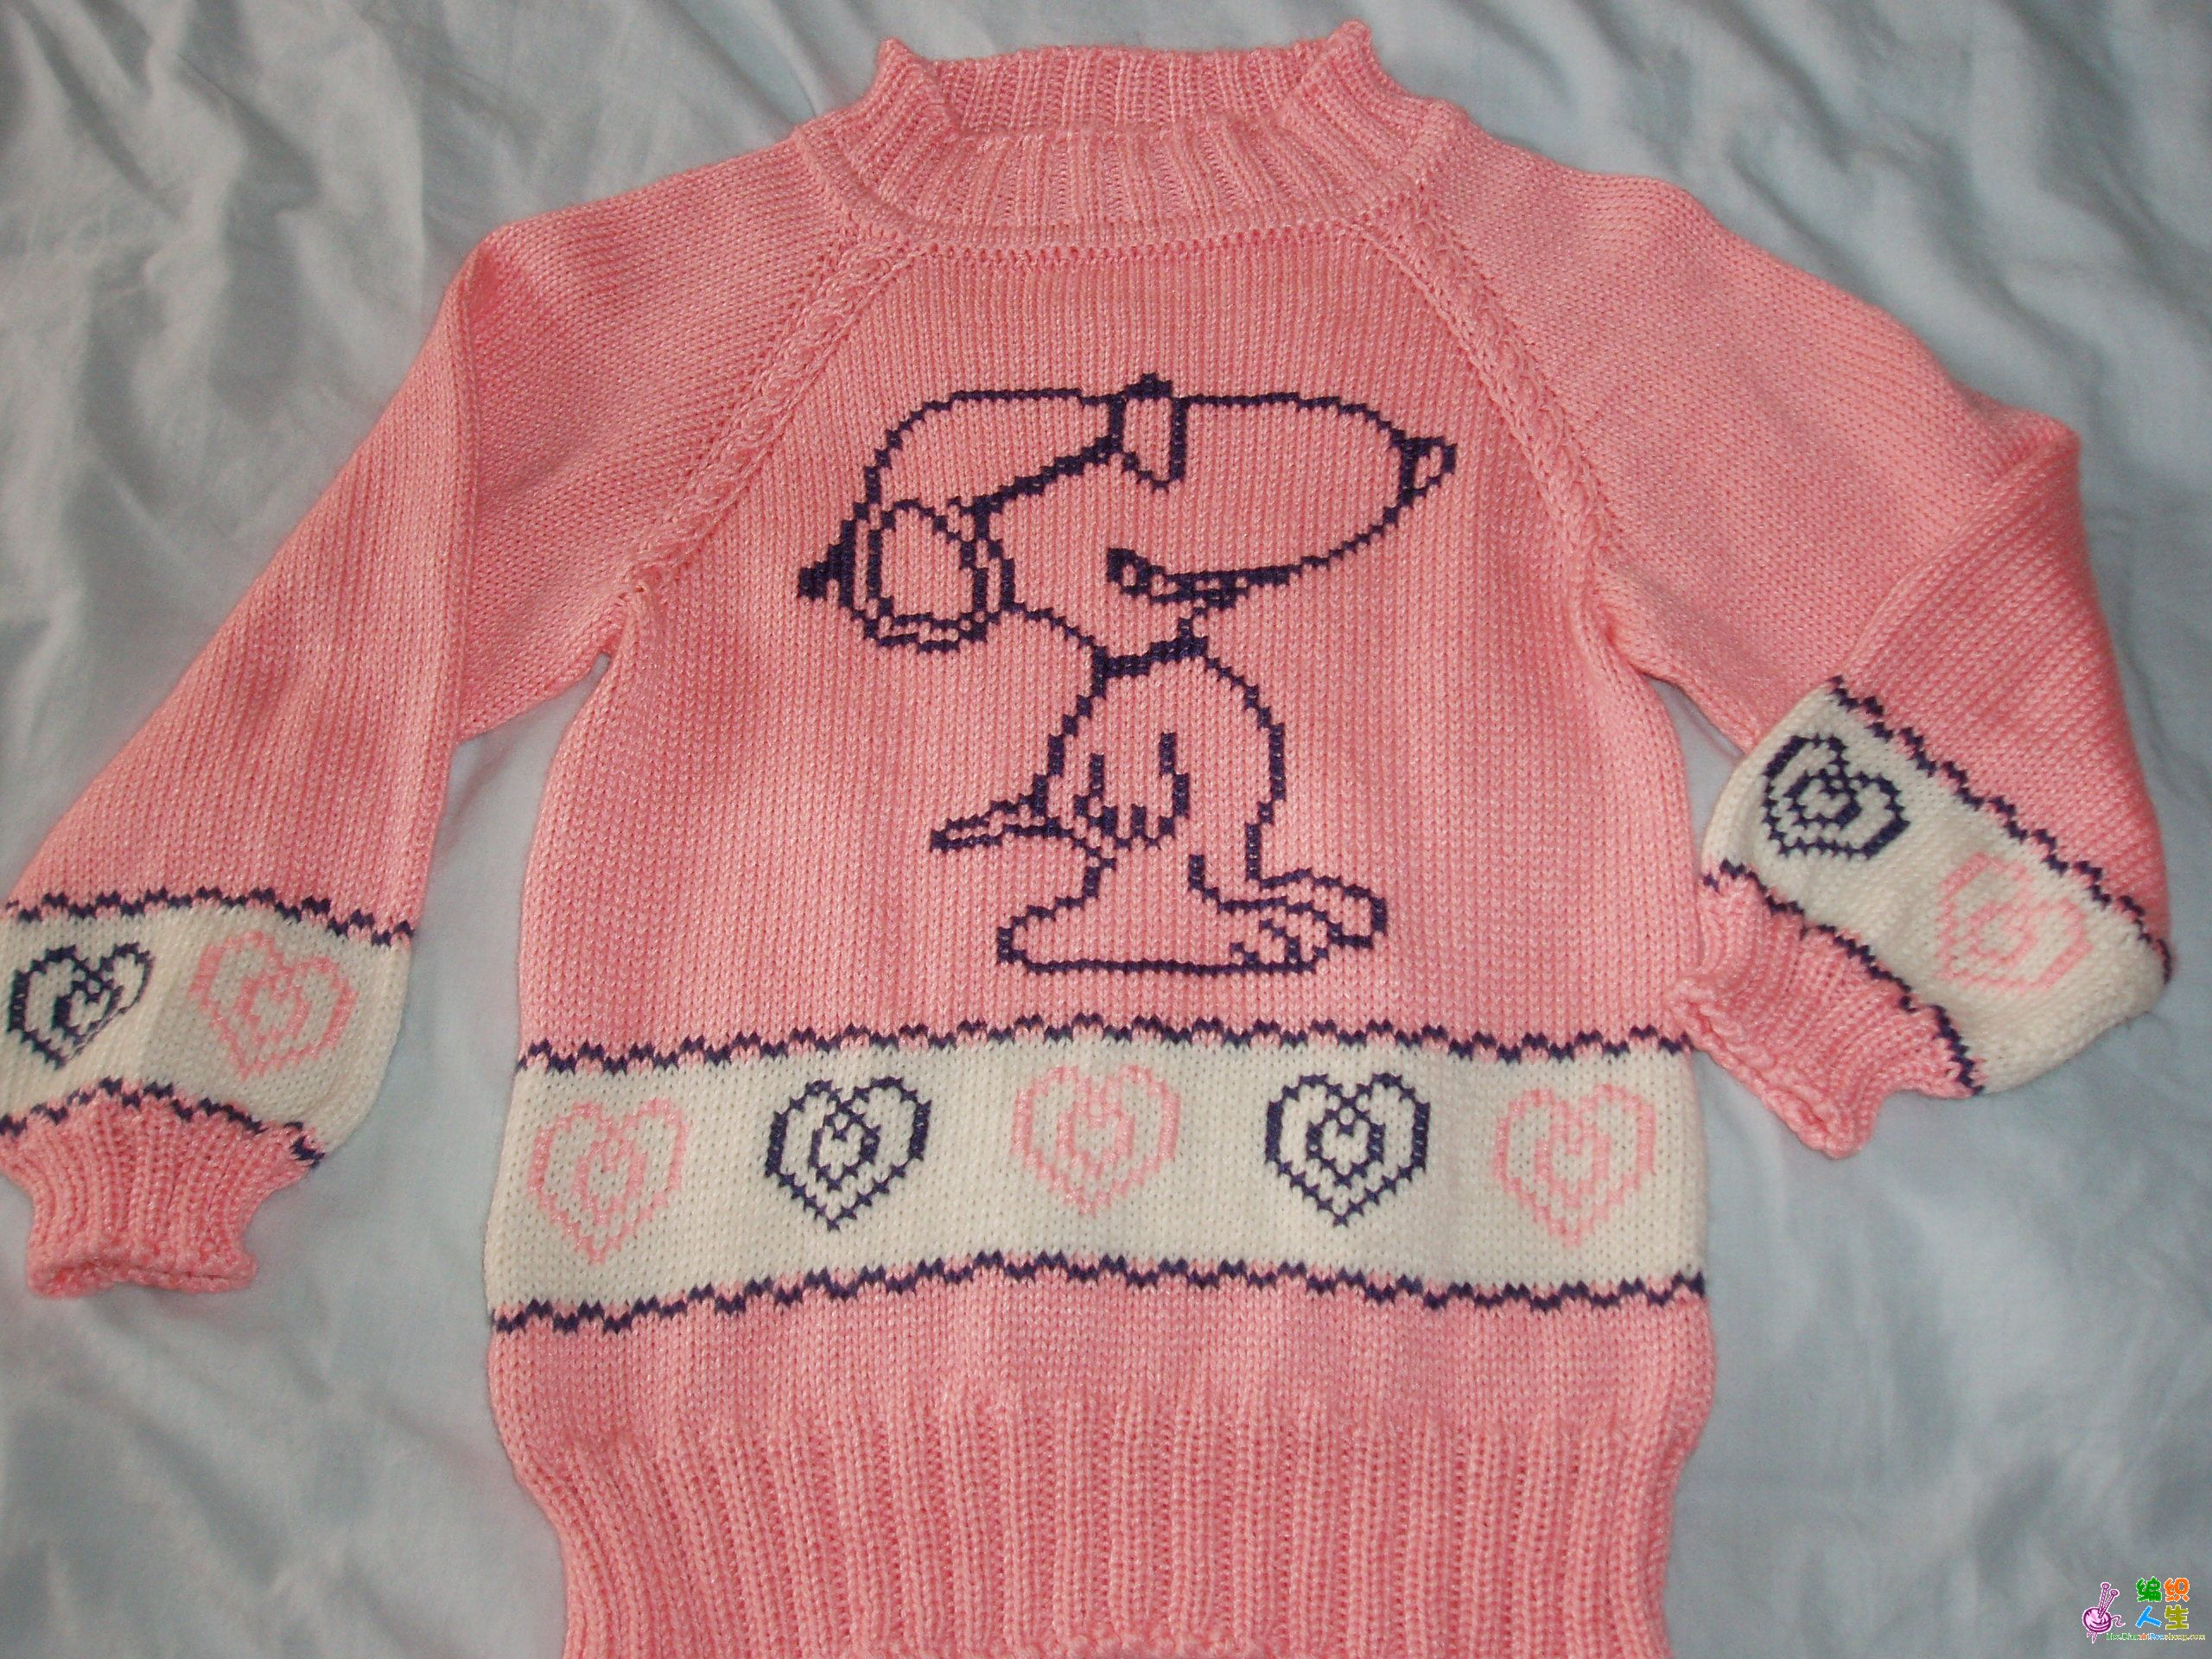 儿童毛衣—史努比图案